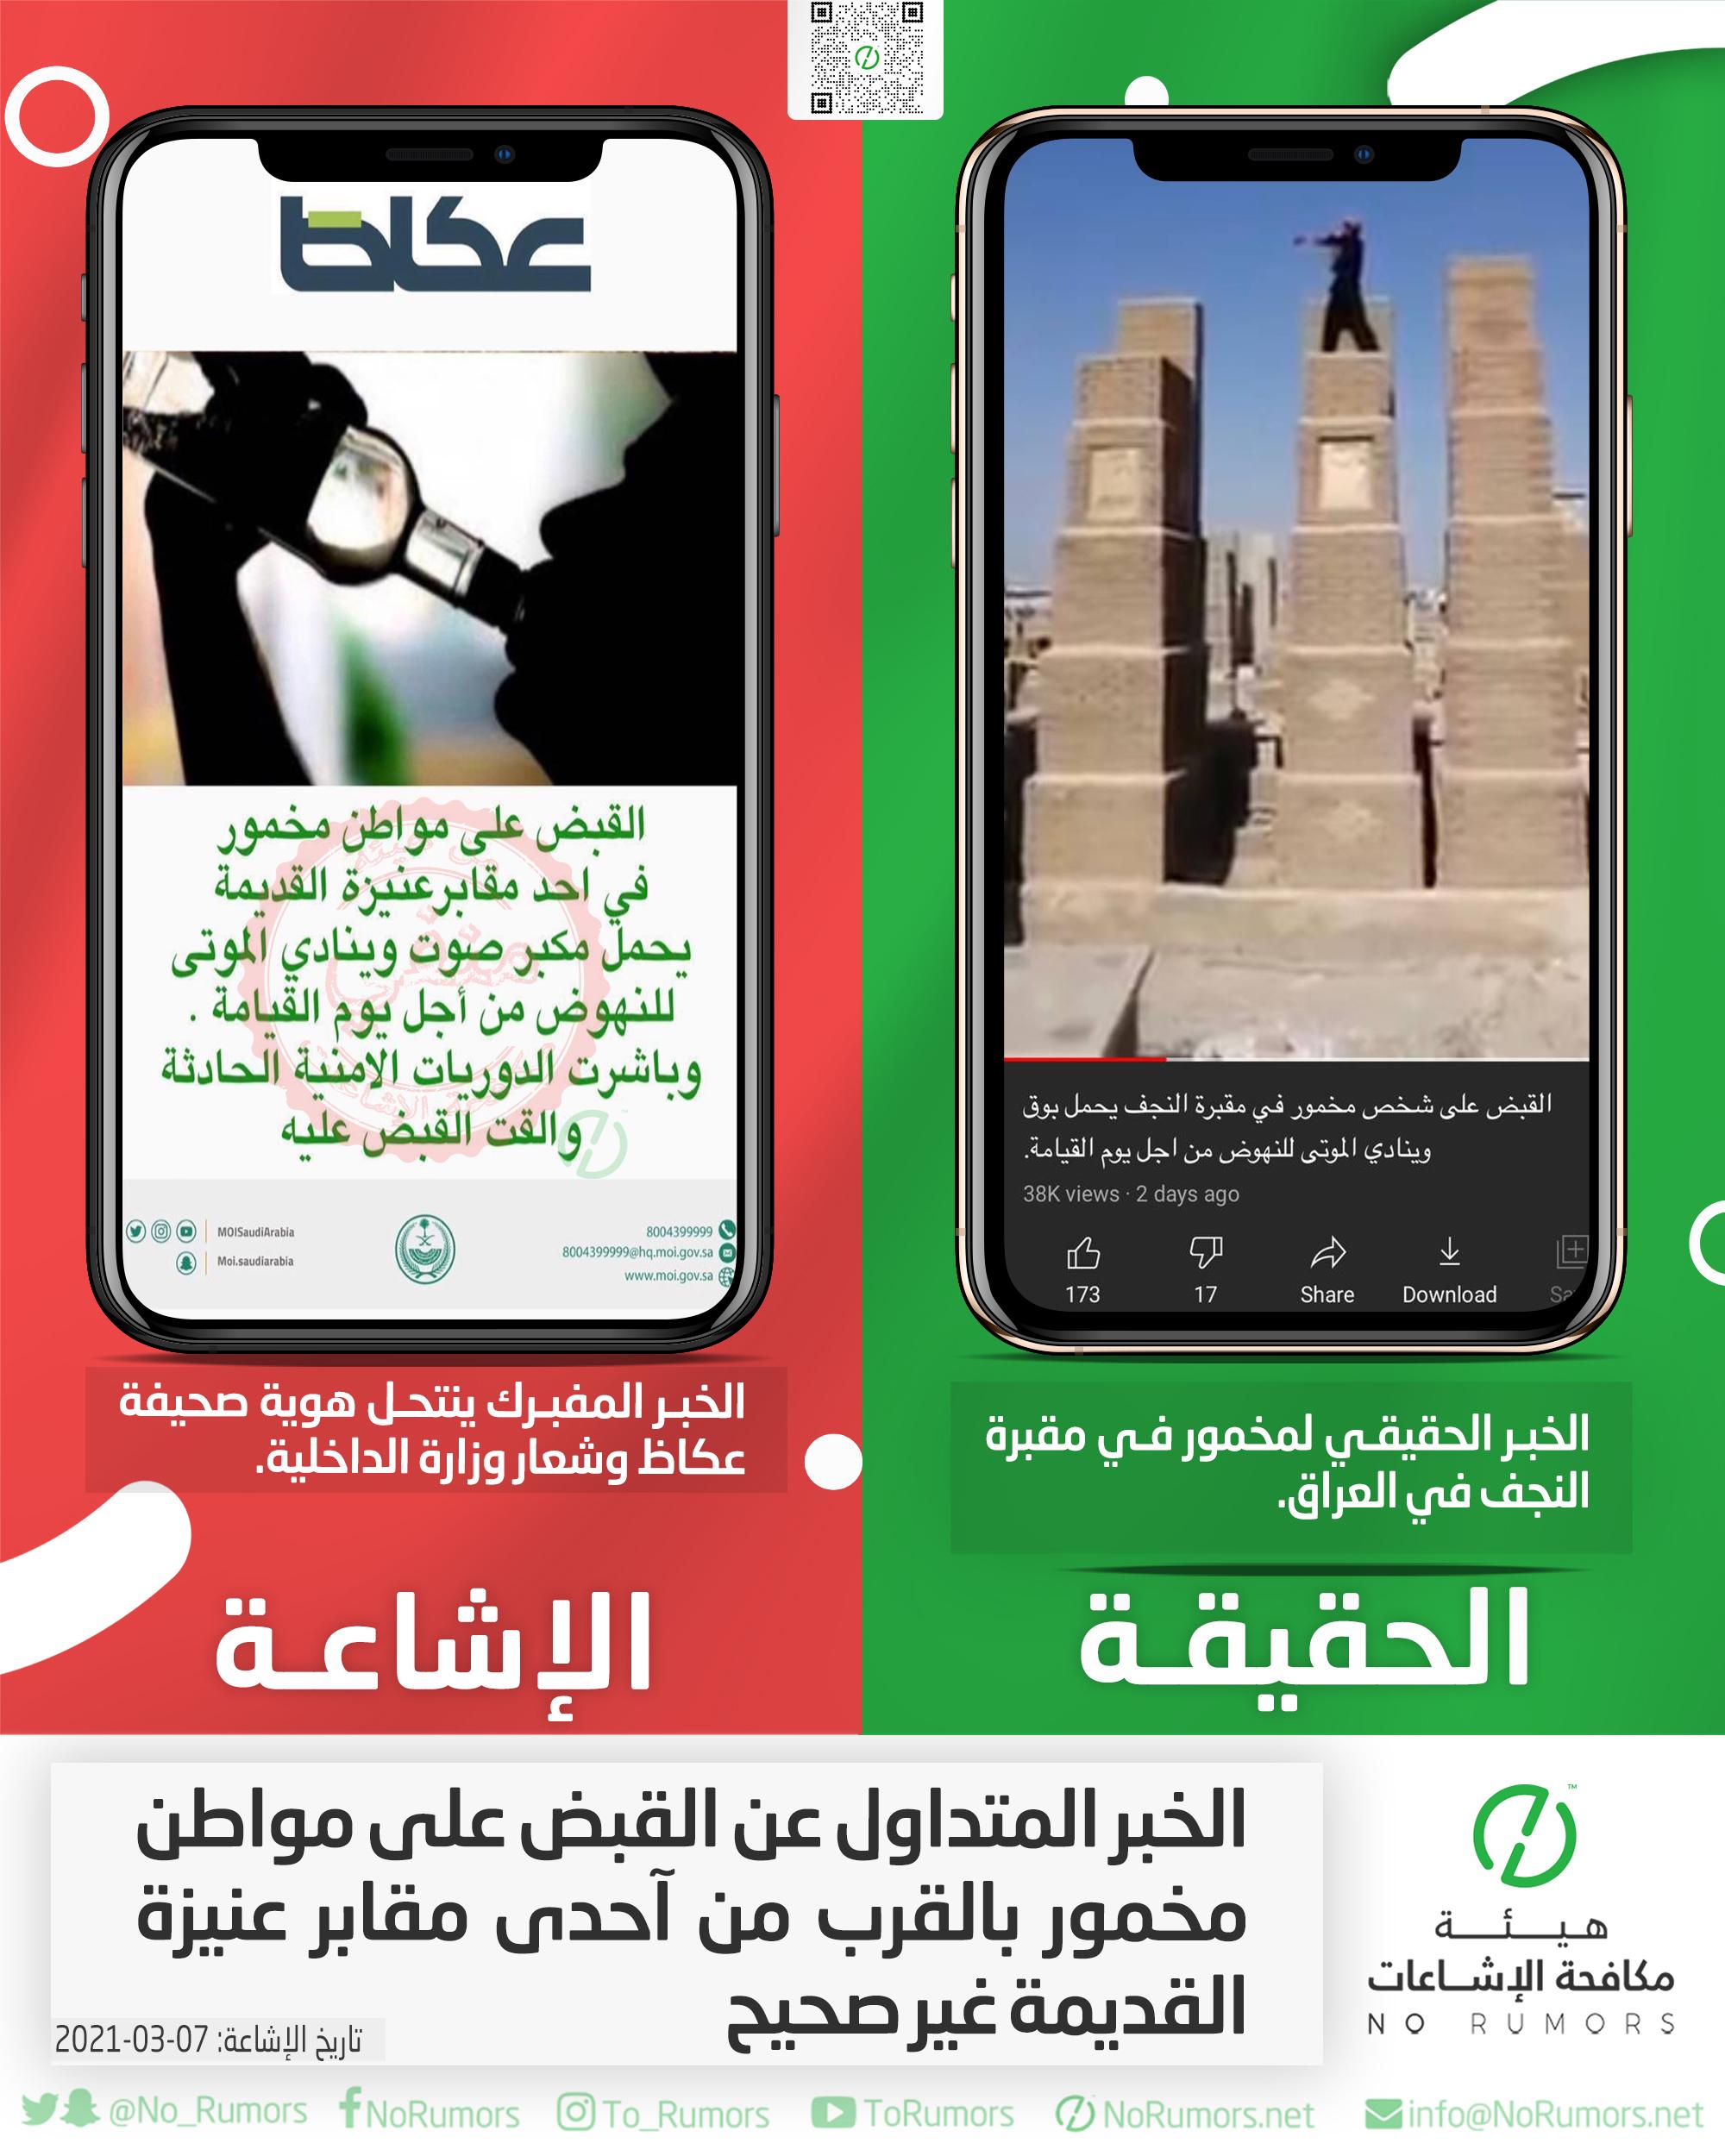 حقيقة الخبر المتداول عن القبض على مواطن مخمور بالقرب من آحدى مقابر عنيزة القديمة